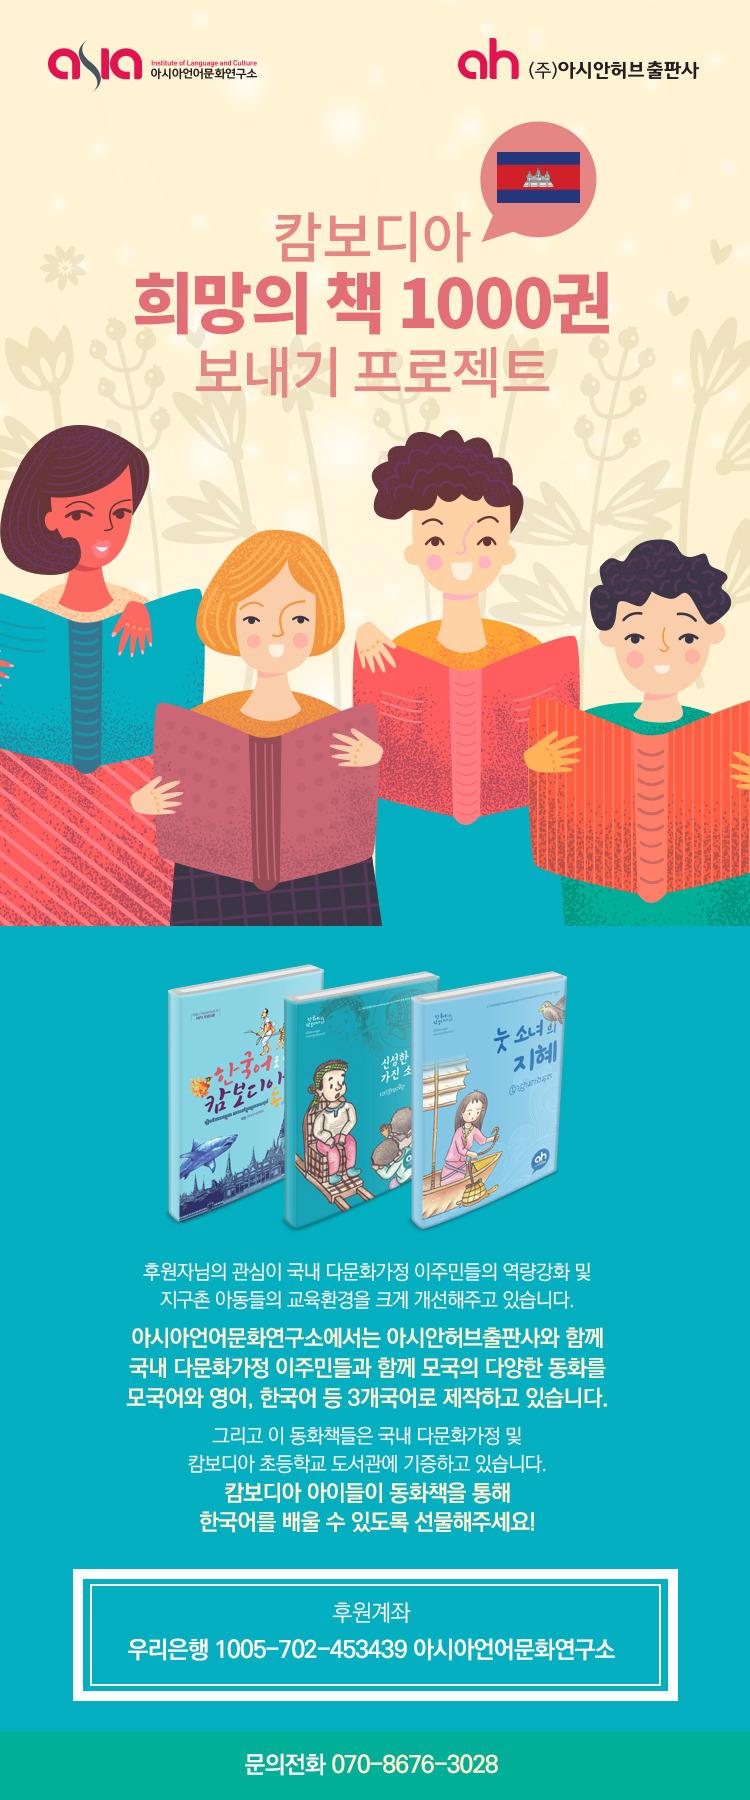 캄보디아 희망의 책 1,000권 보내기 프로젝트